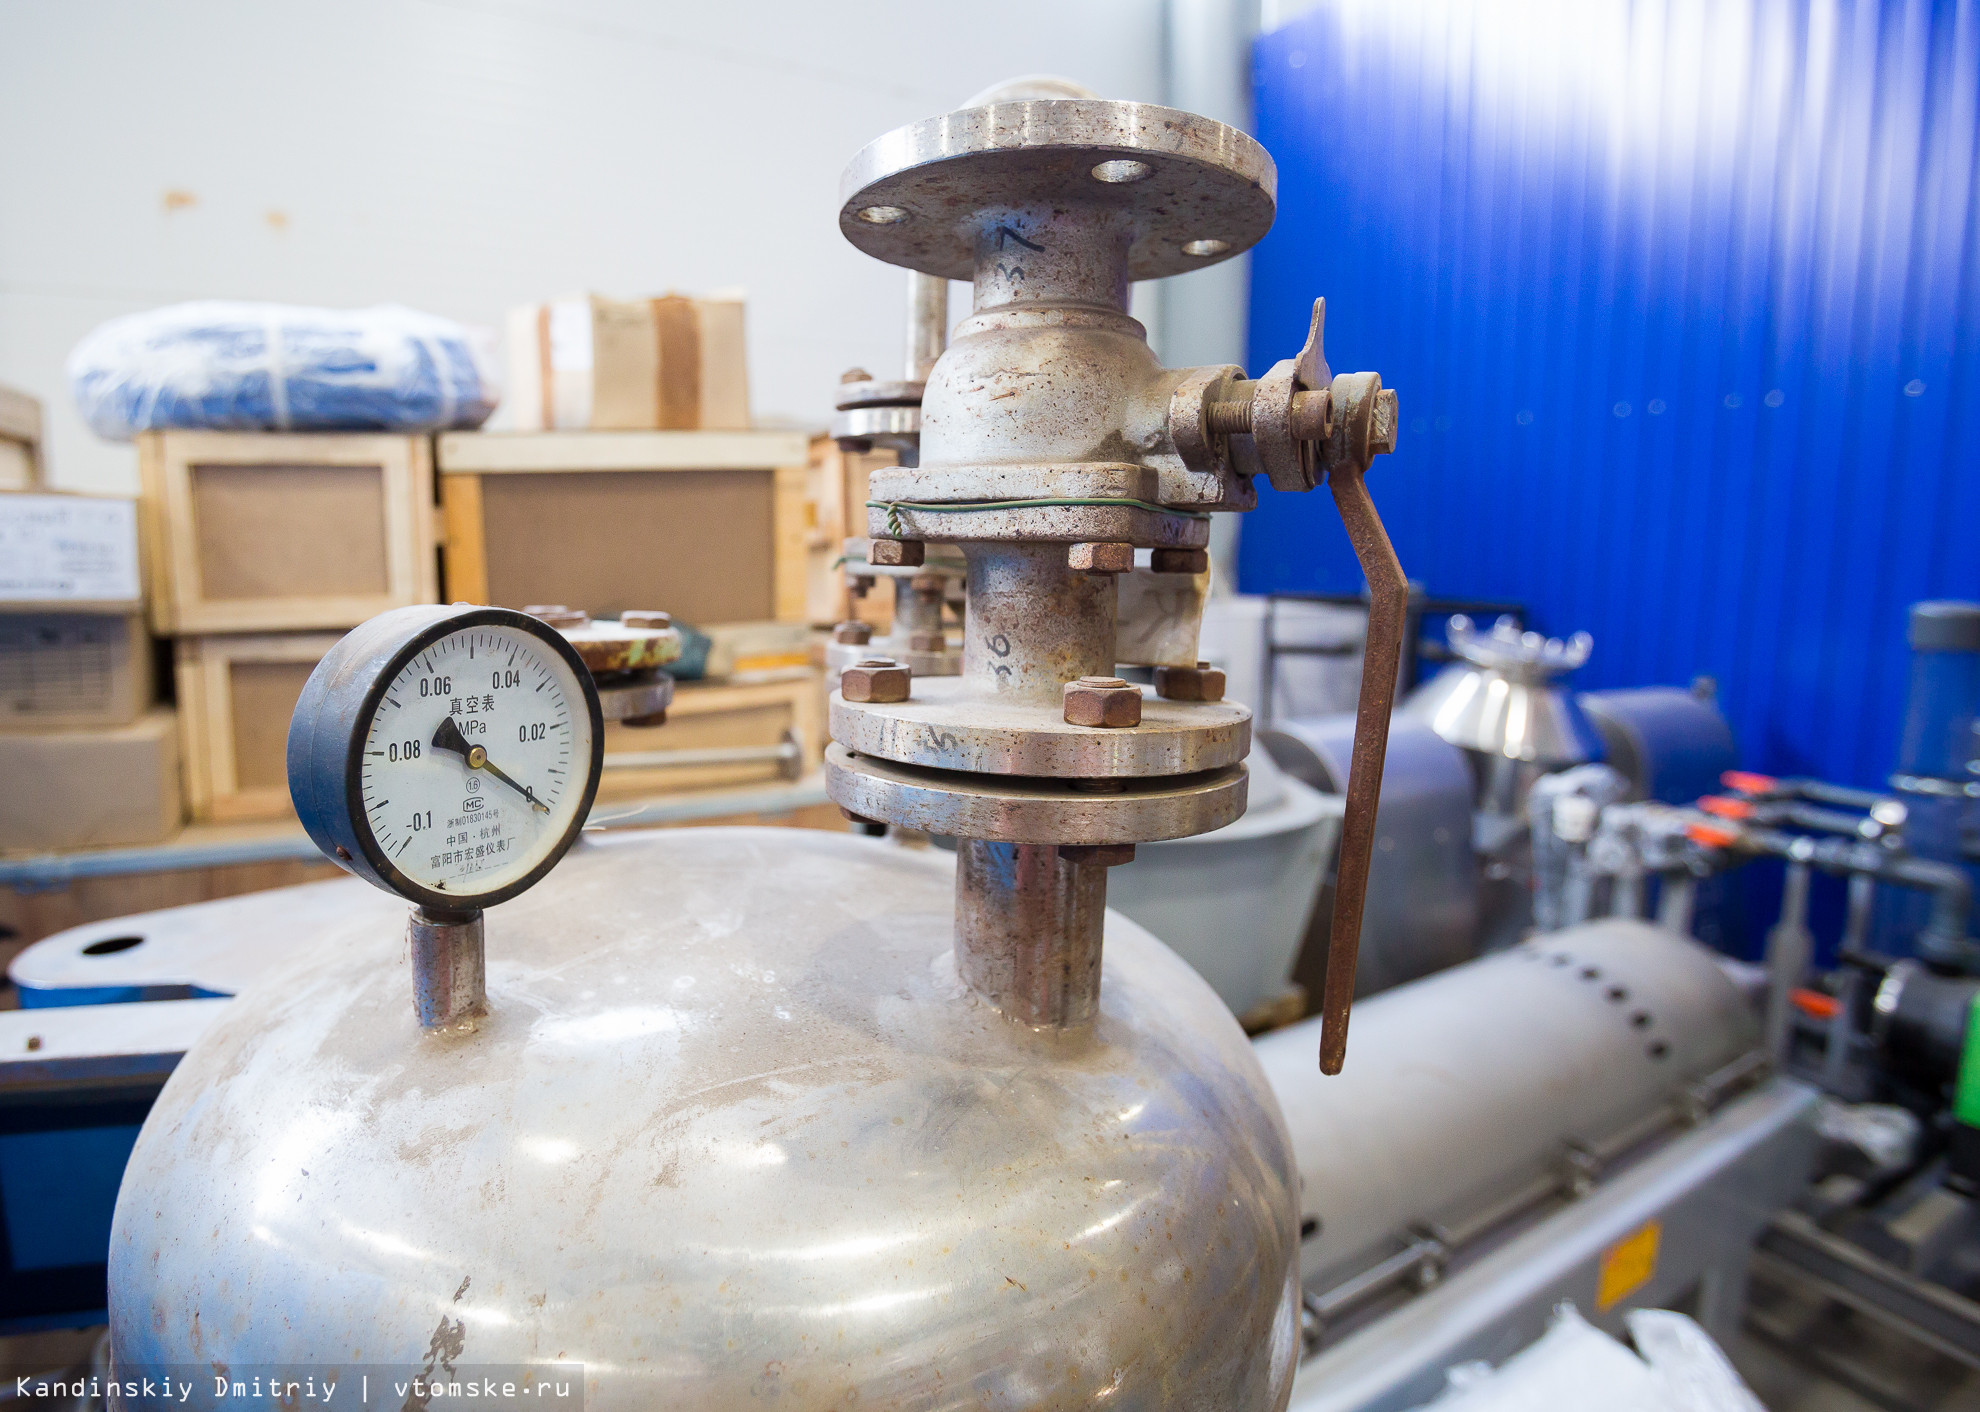 В Томске открыт первый за Уралом Инжиниринговый химико-технологический центр